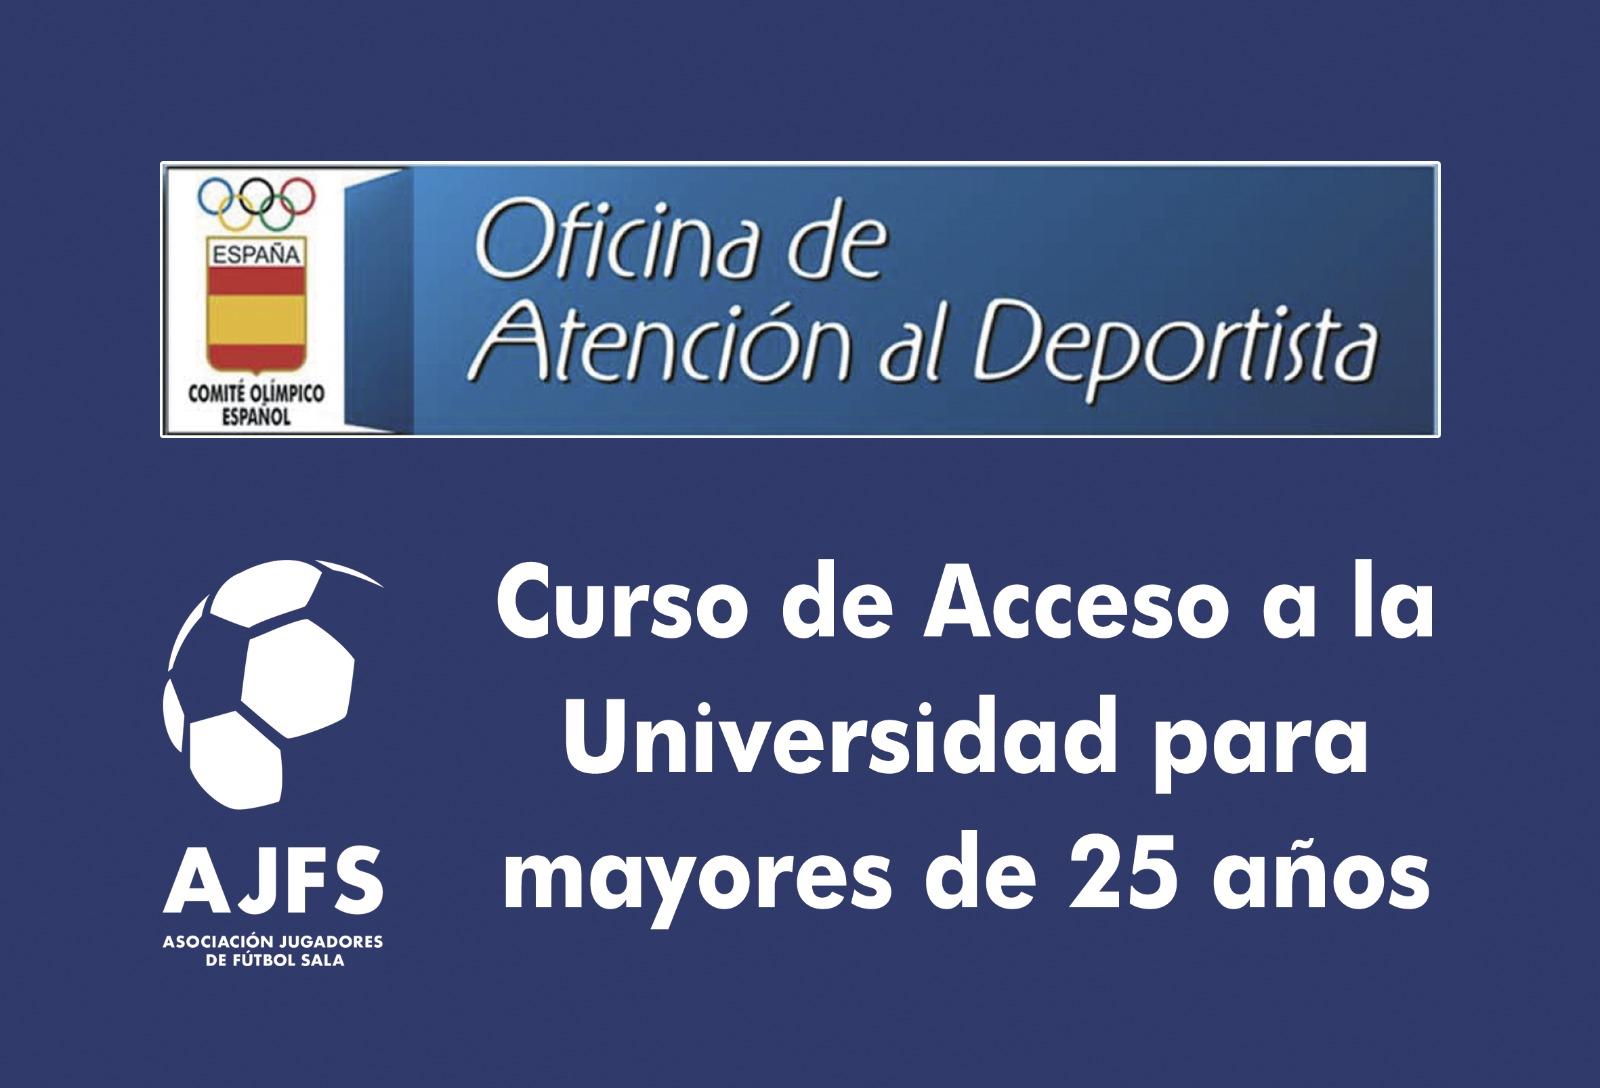 OAD-COE: Curso de Acceso a la Universidad para mayores de 25 años